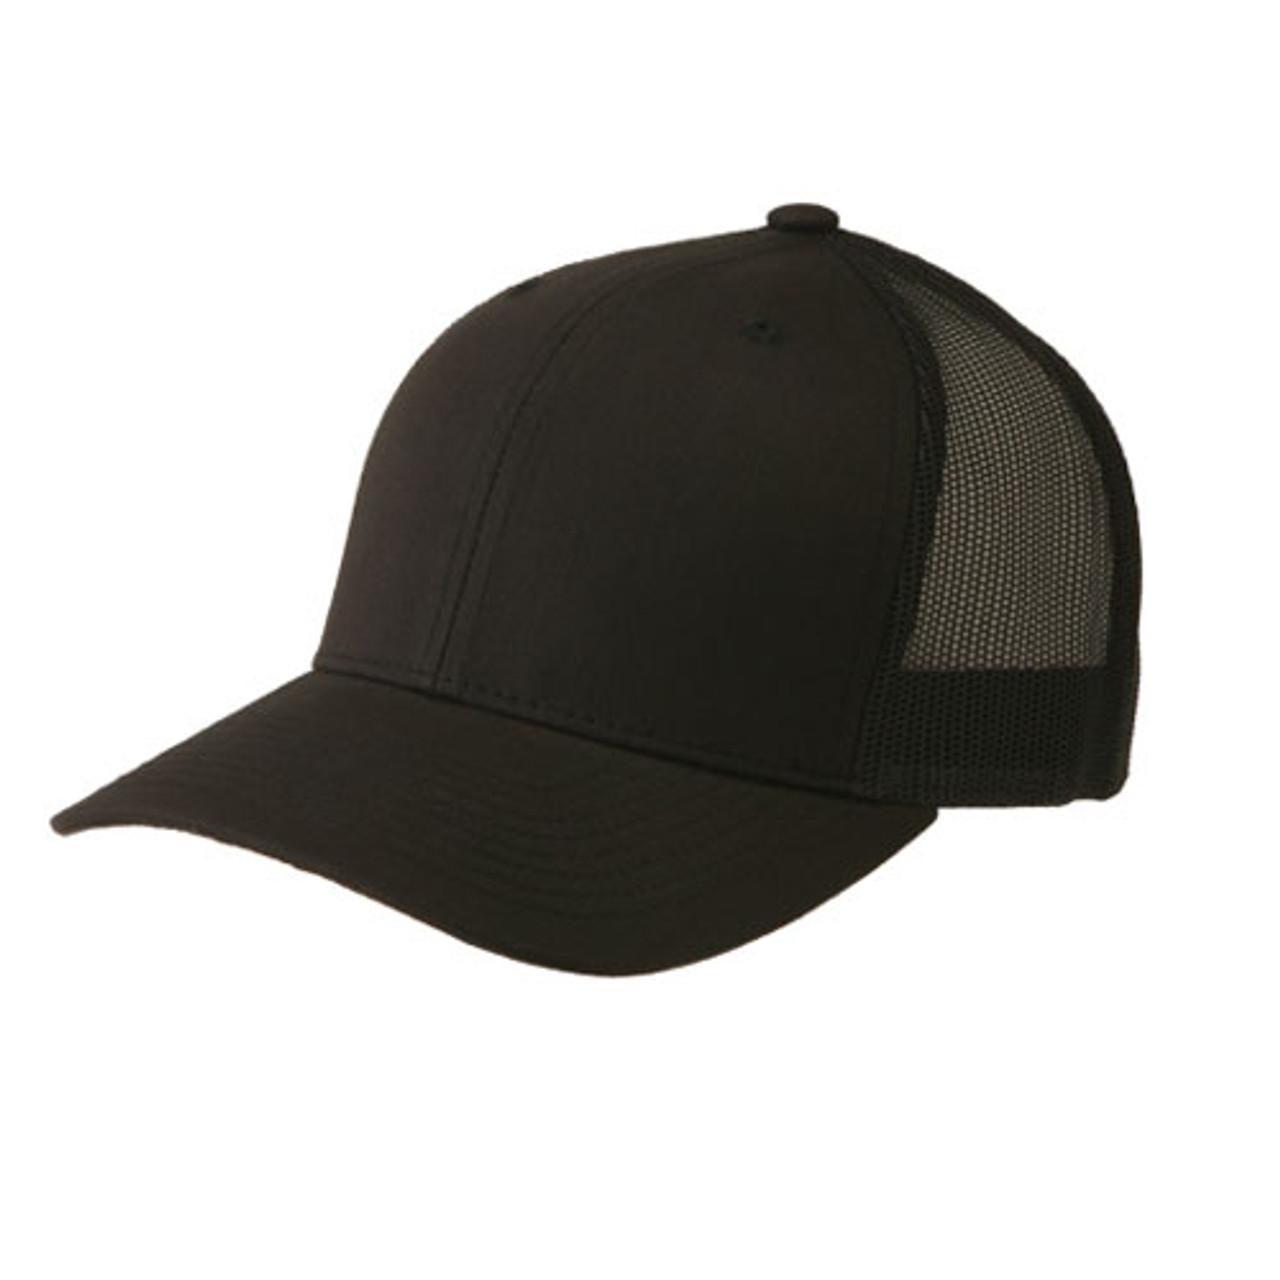 a4e66bf81356f Flexfit Hats. Flexfit - Black Retro Snapback Trucker Cap